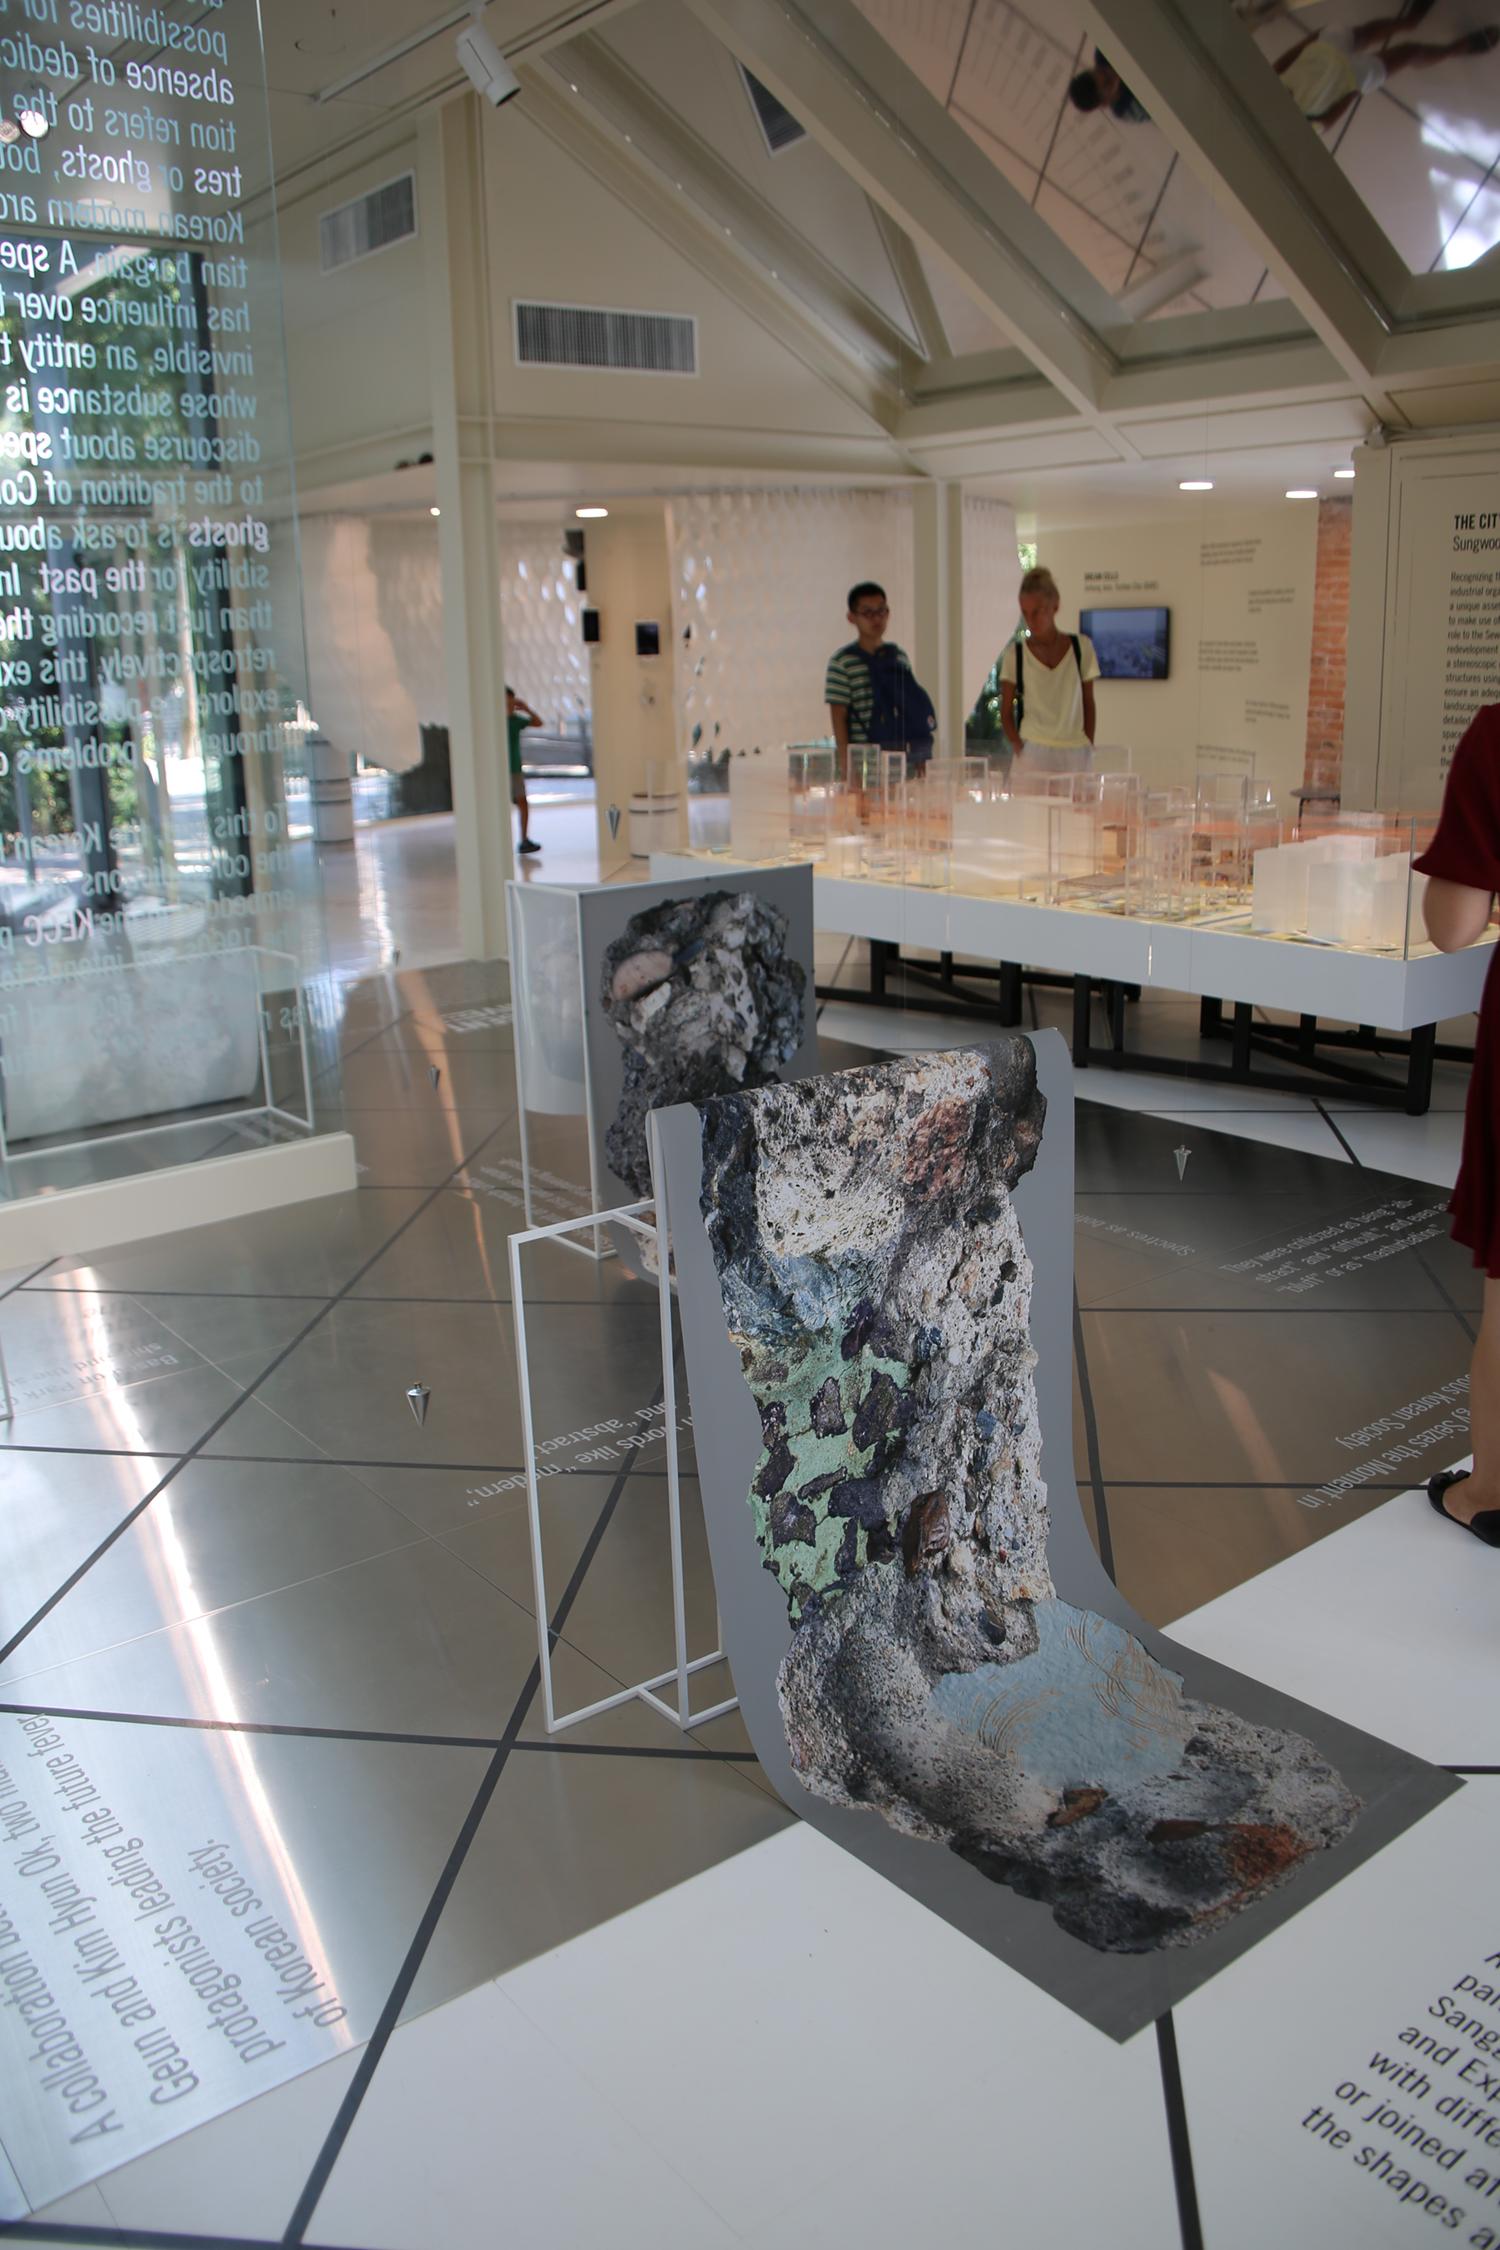 biennale architecture venise 2018 328.JPG